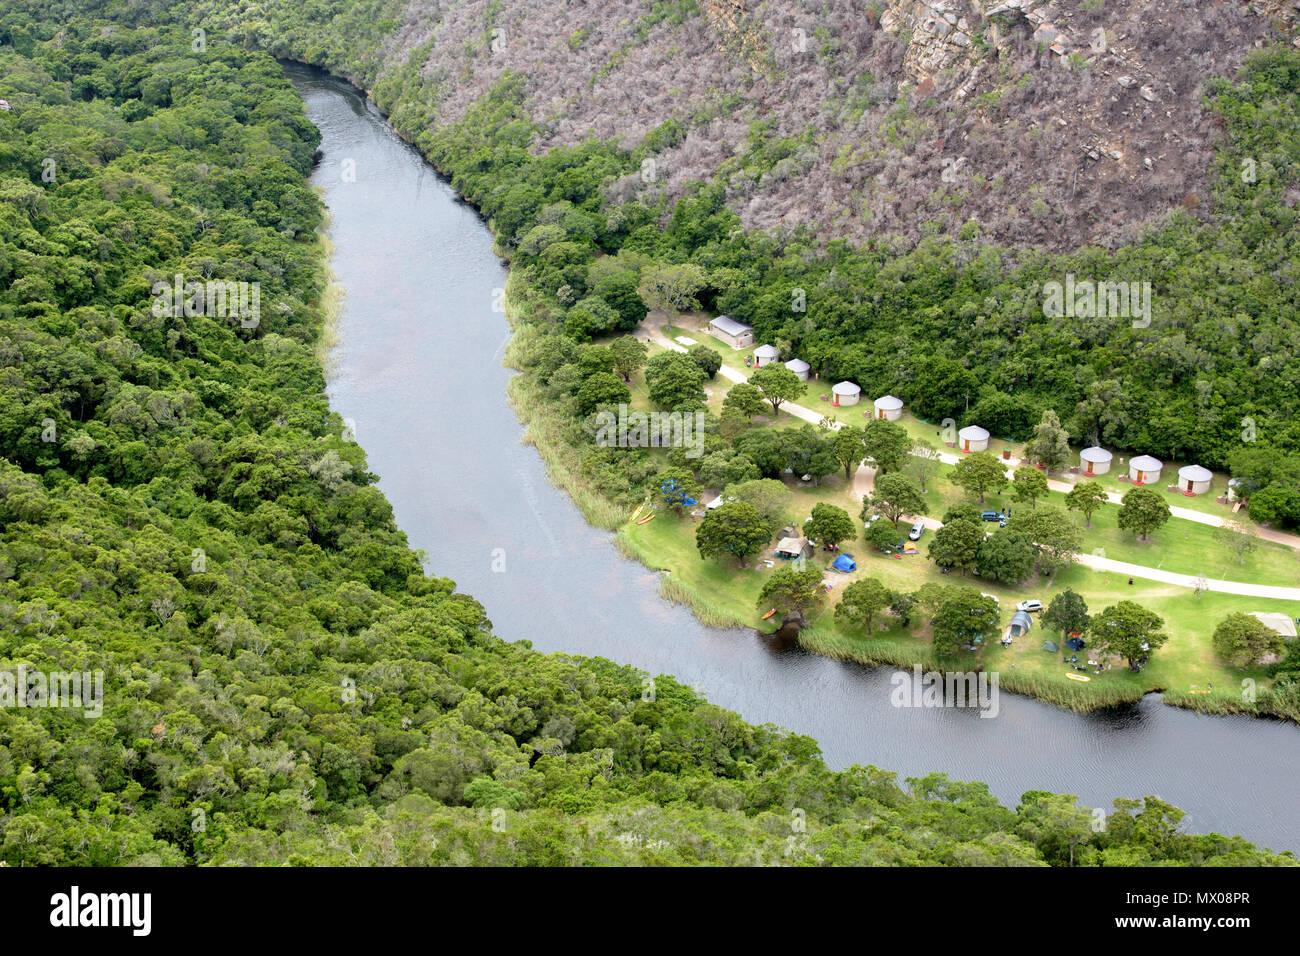 Luftaufnahme des Ebb & Flow Camp in der Wildnis von der Garden Route in Südafrika Stockbild